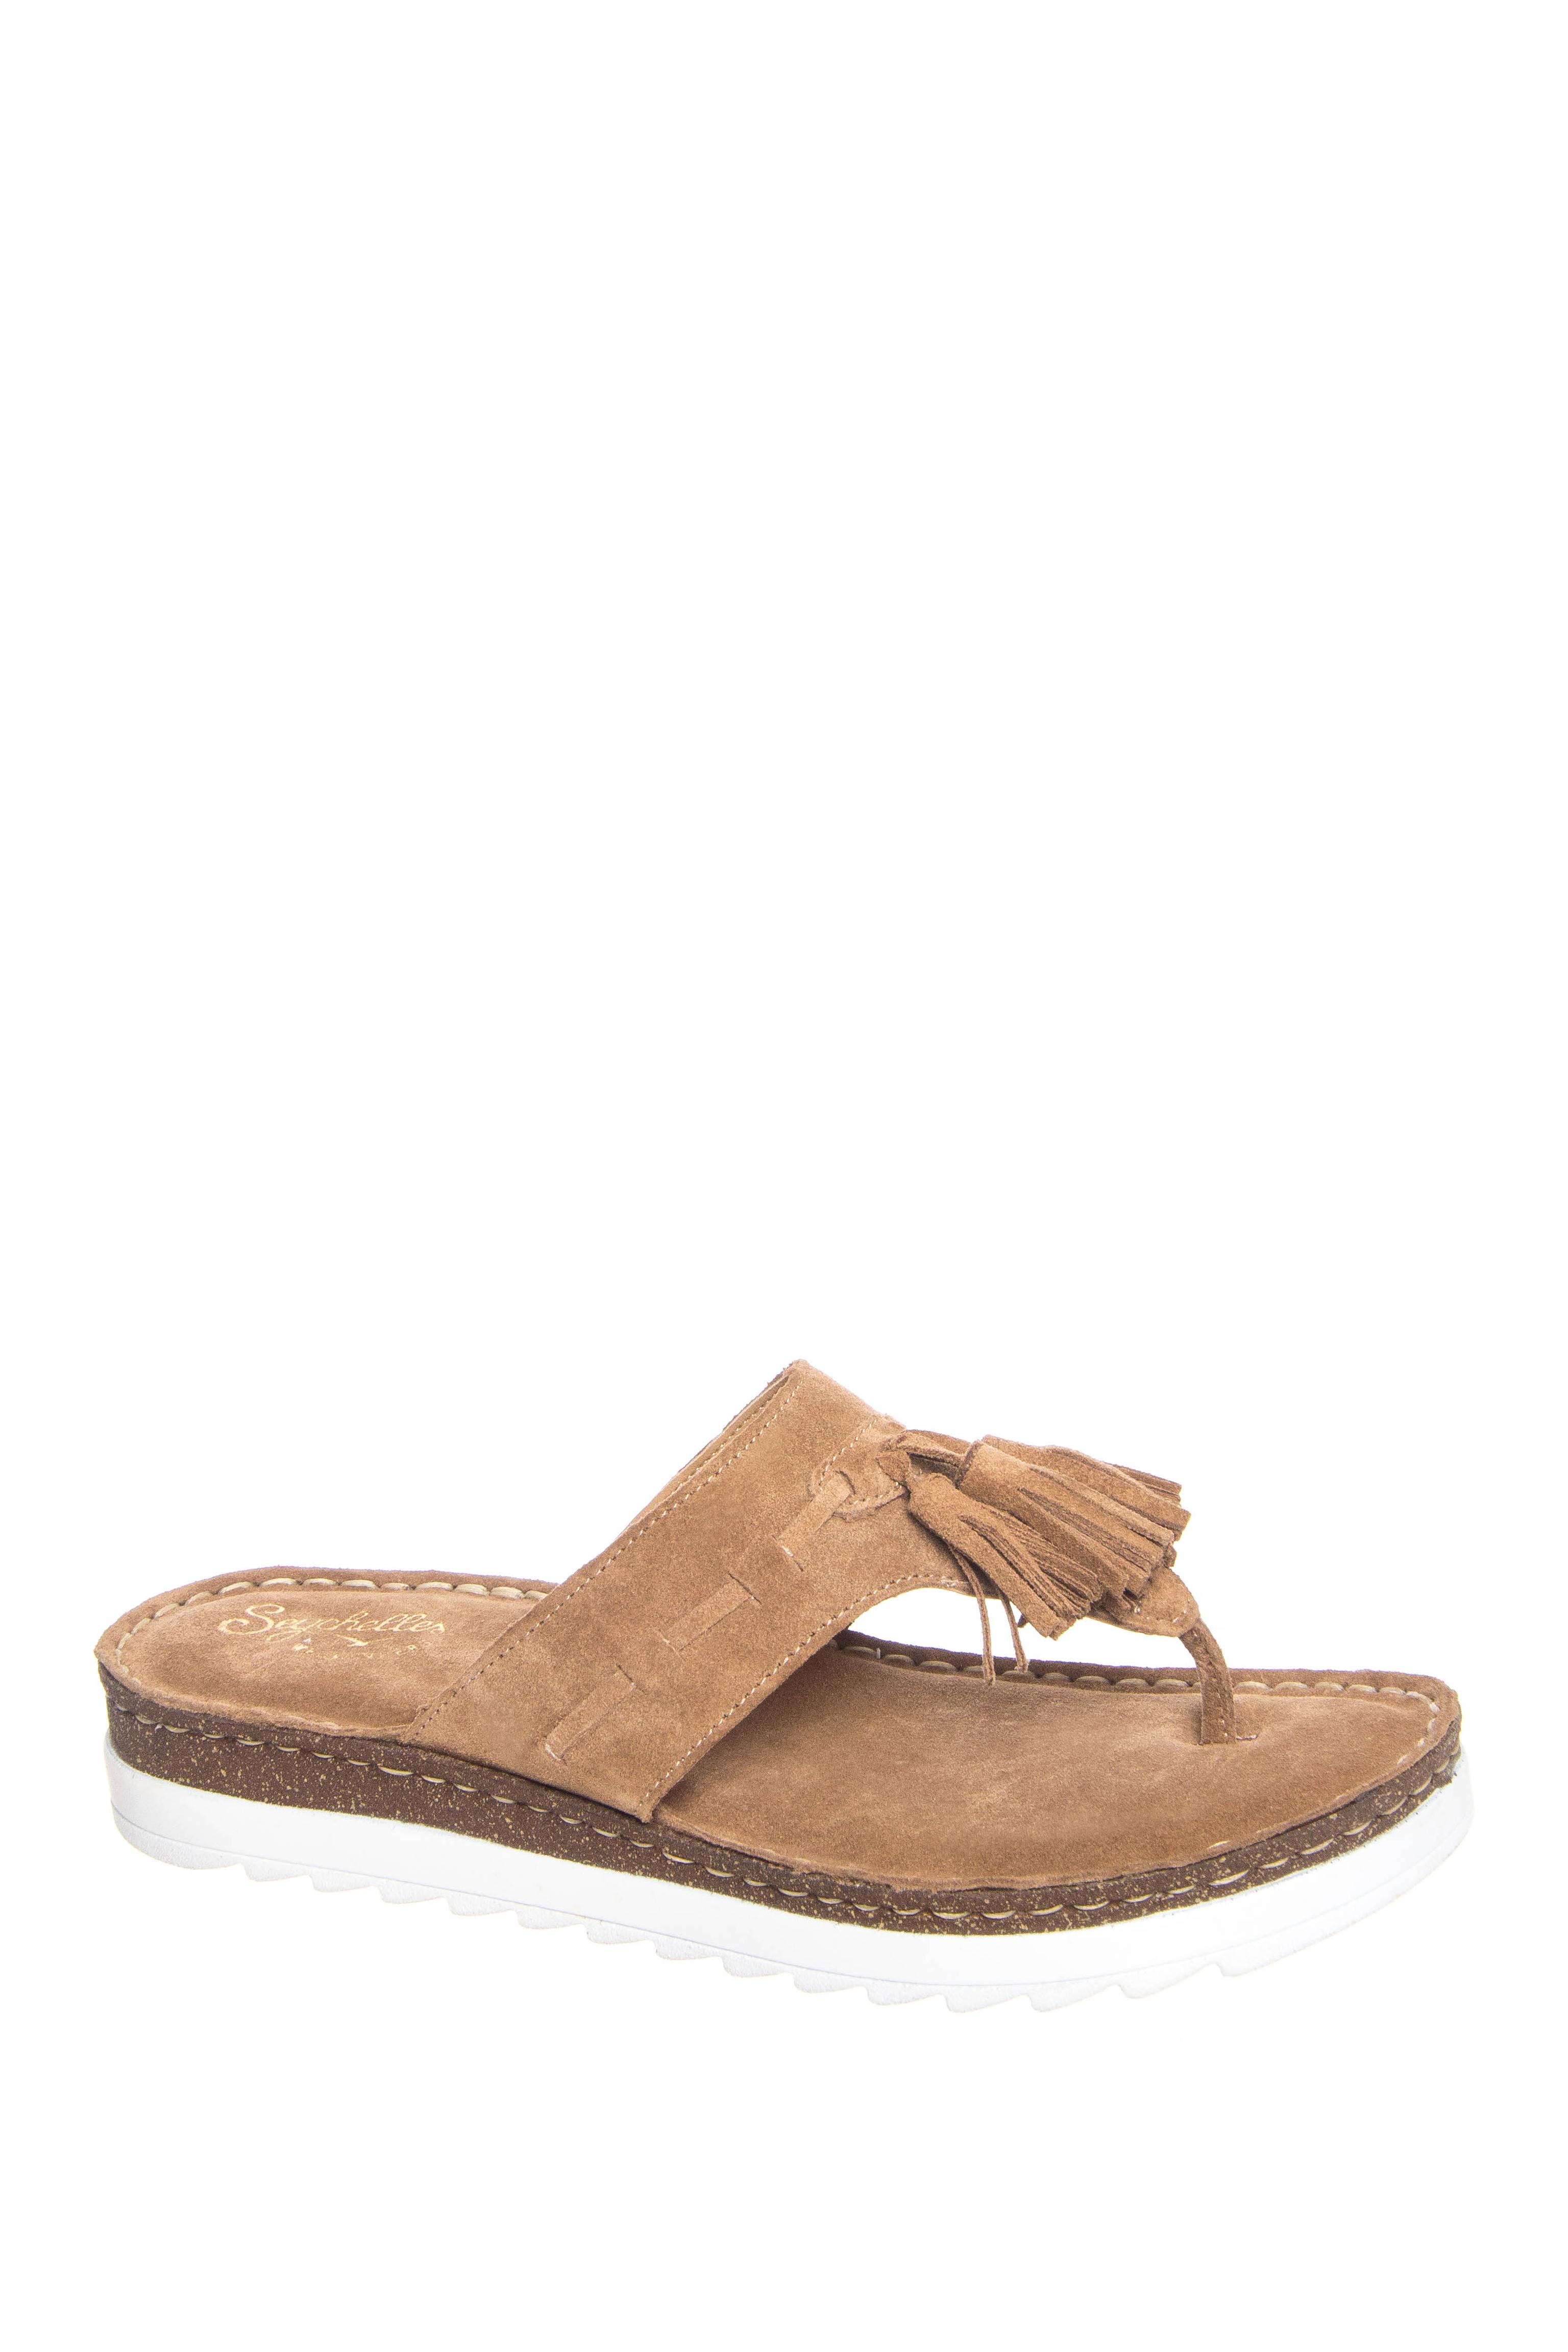 Seychelles Hazel Peep Toe Ankle Strap Low Heels - Sand Suede